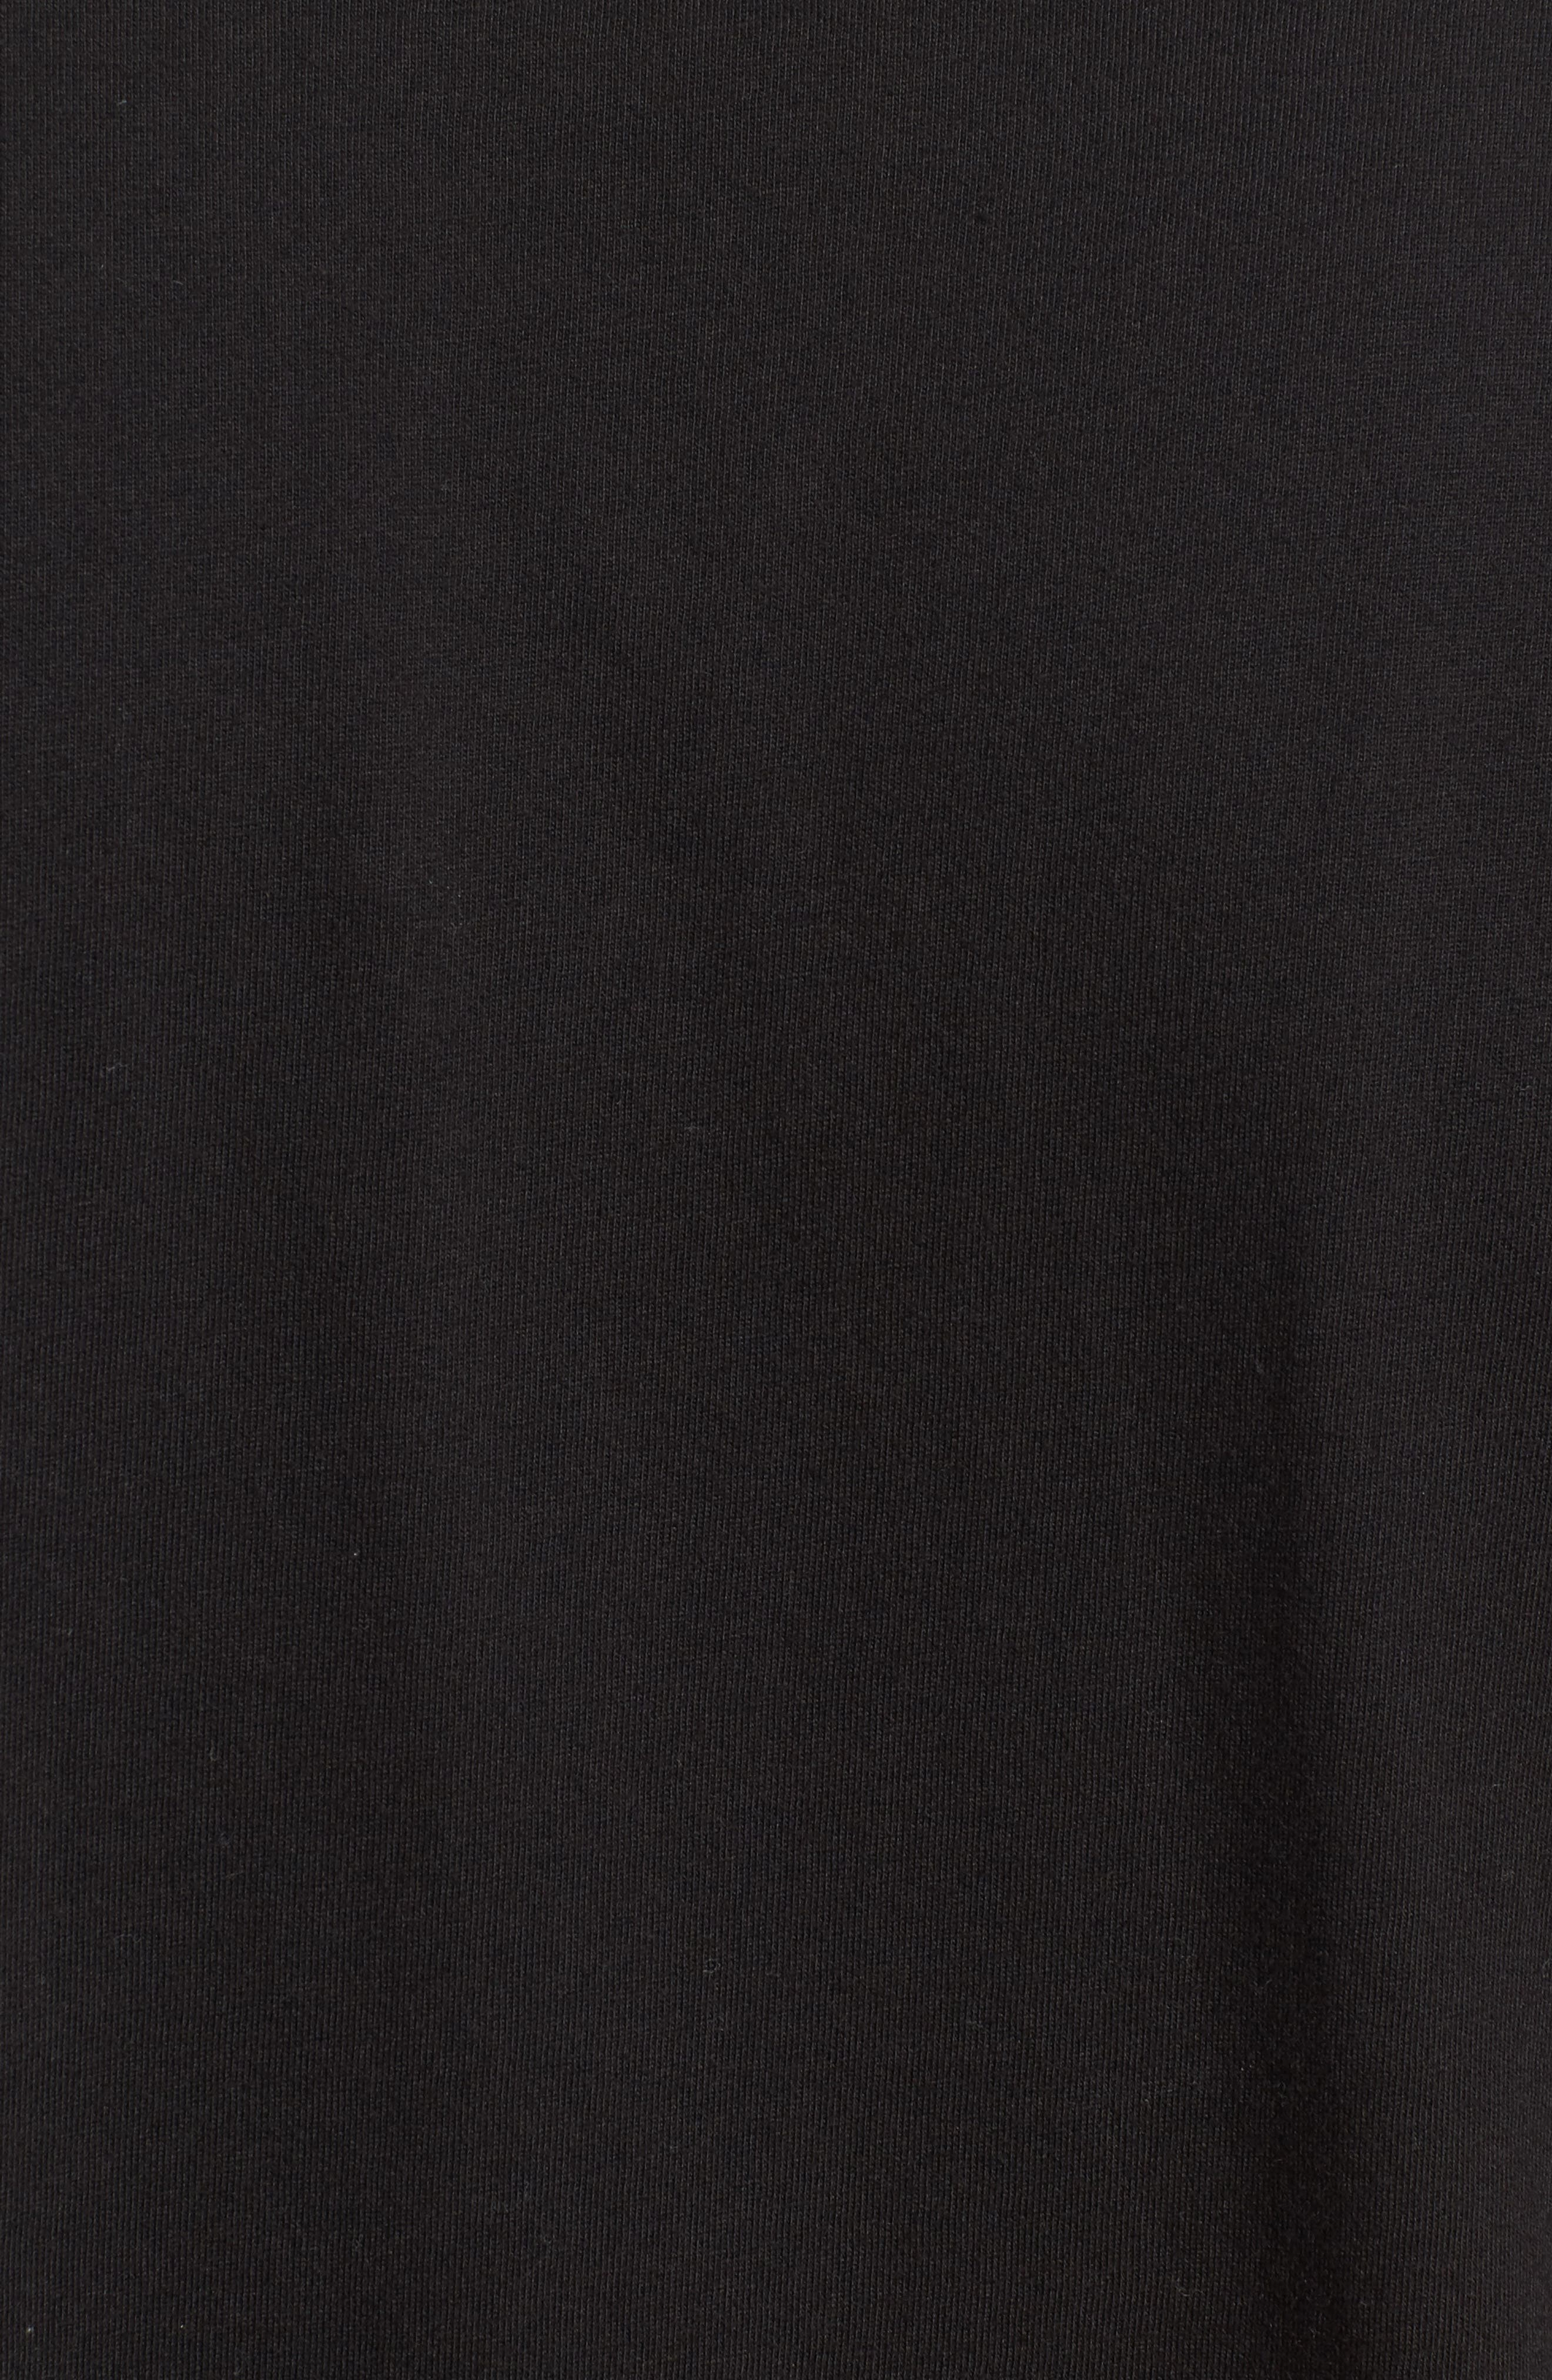 Lounge Pocket T-Shirt,                             Alternate thumbnail 5, color,                             BLACK